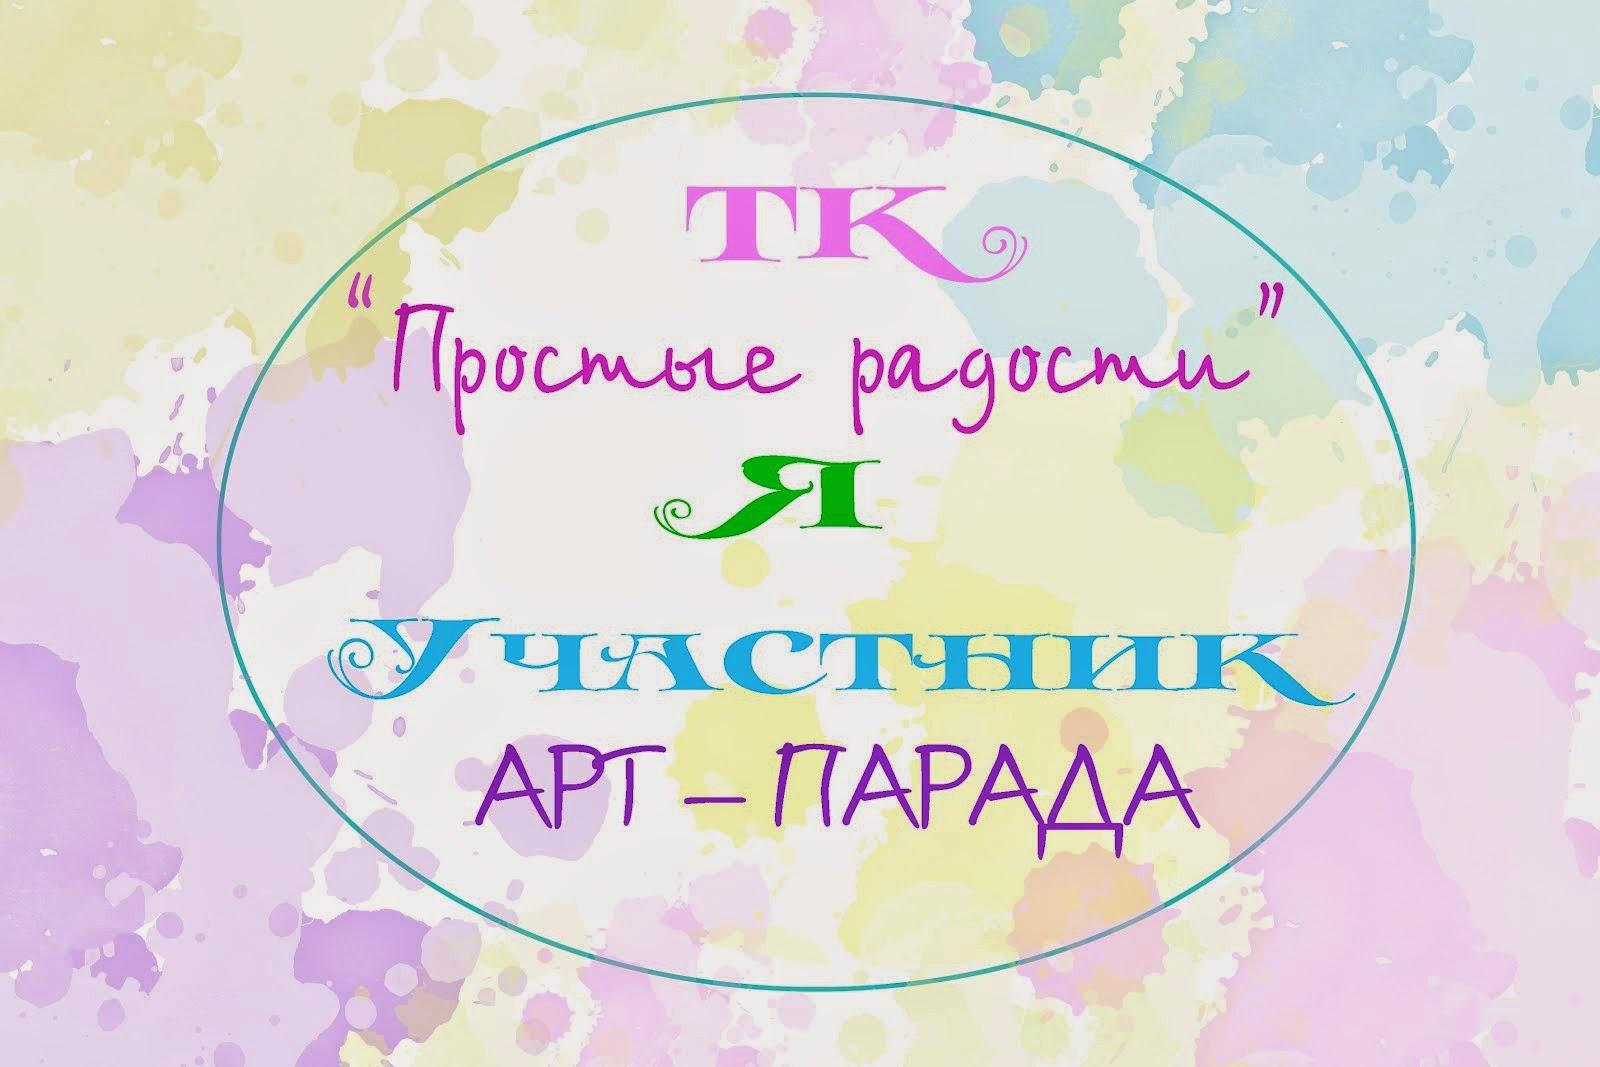 АРТ-ПАРАД